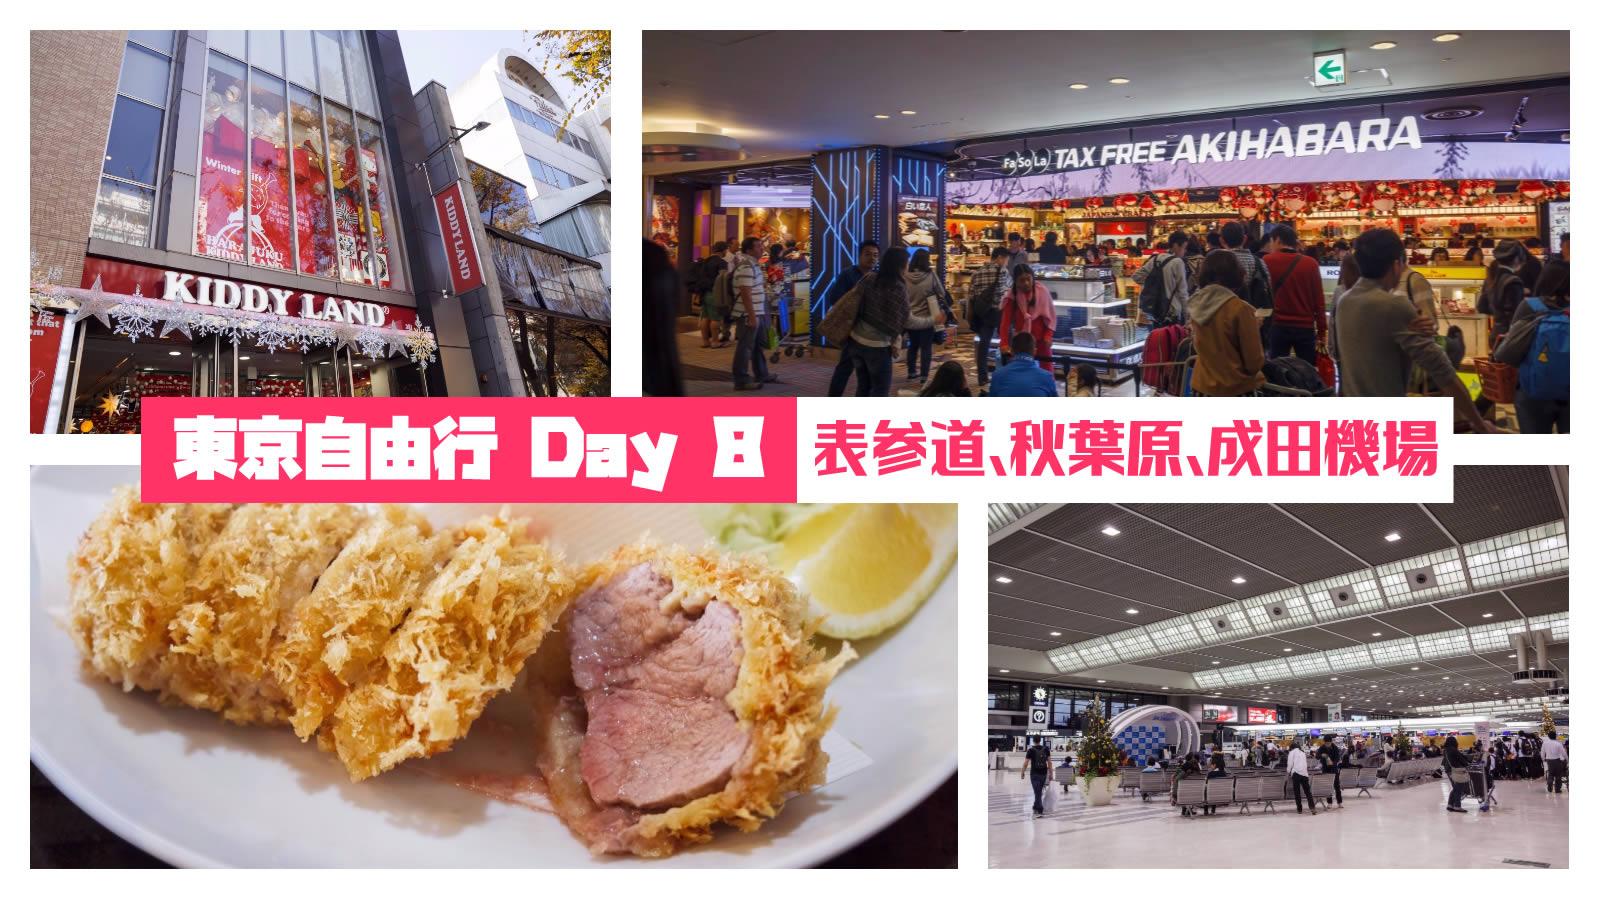 【日本旅遊】2015 東京自由行 Day 8:表參道、秋葉原、成田機場 1